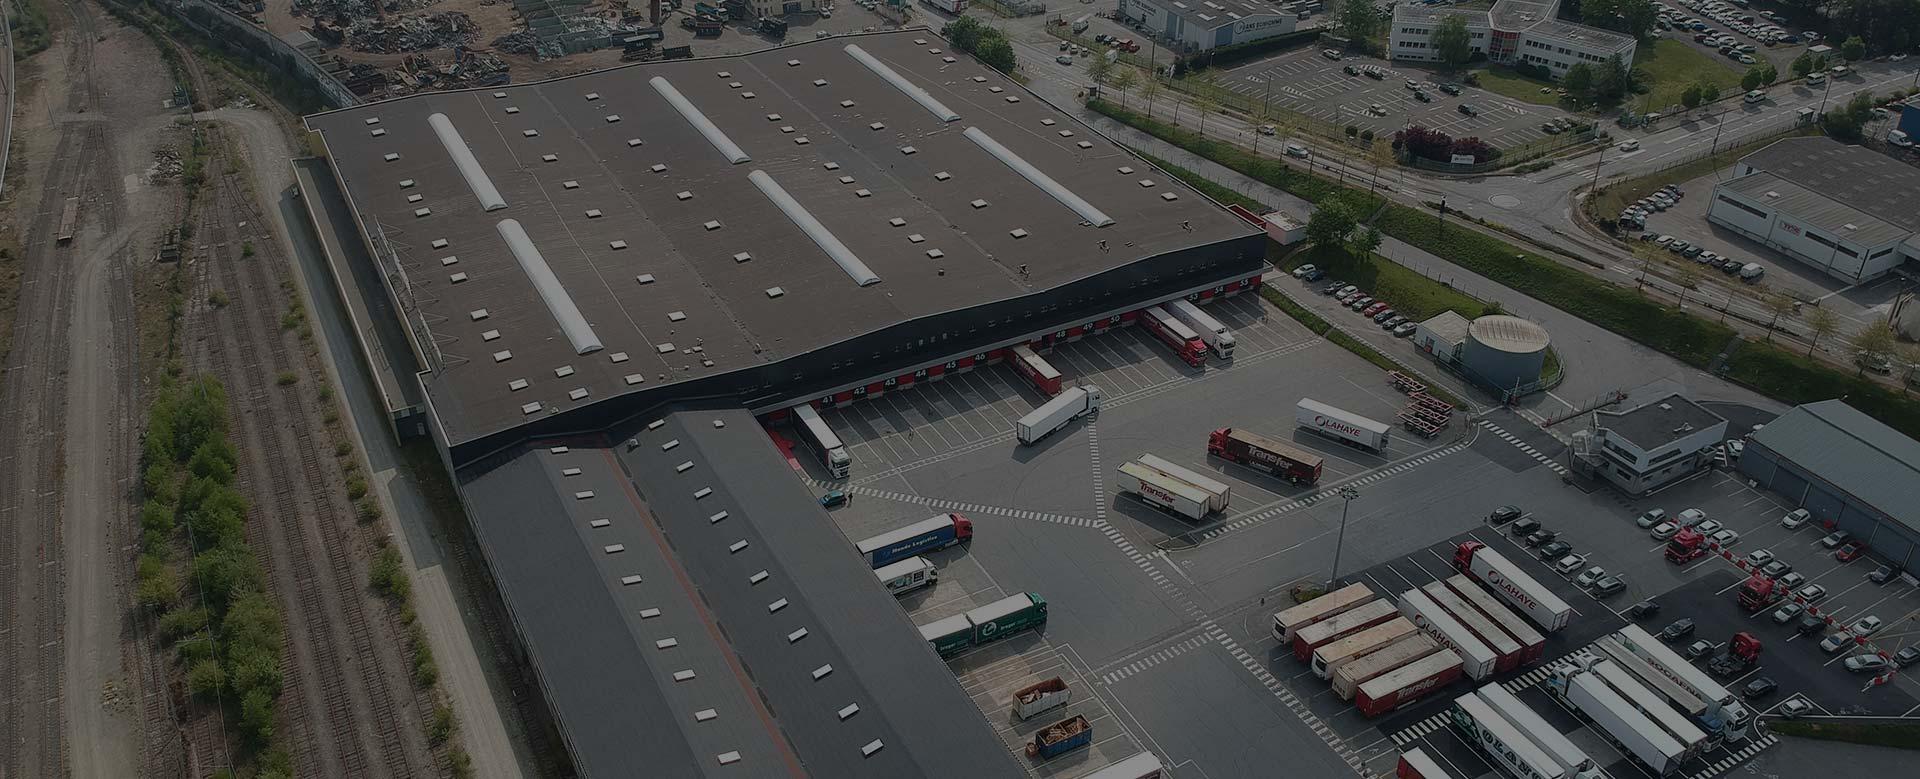 Lahaye Global Logistics Logistique En Tete